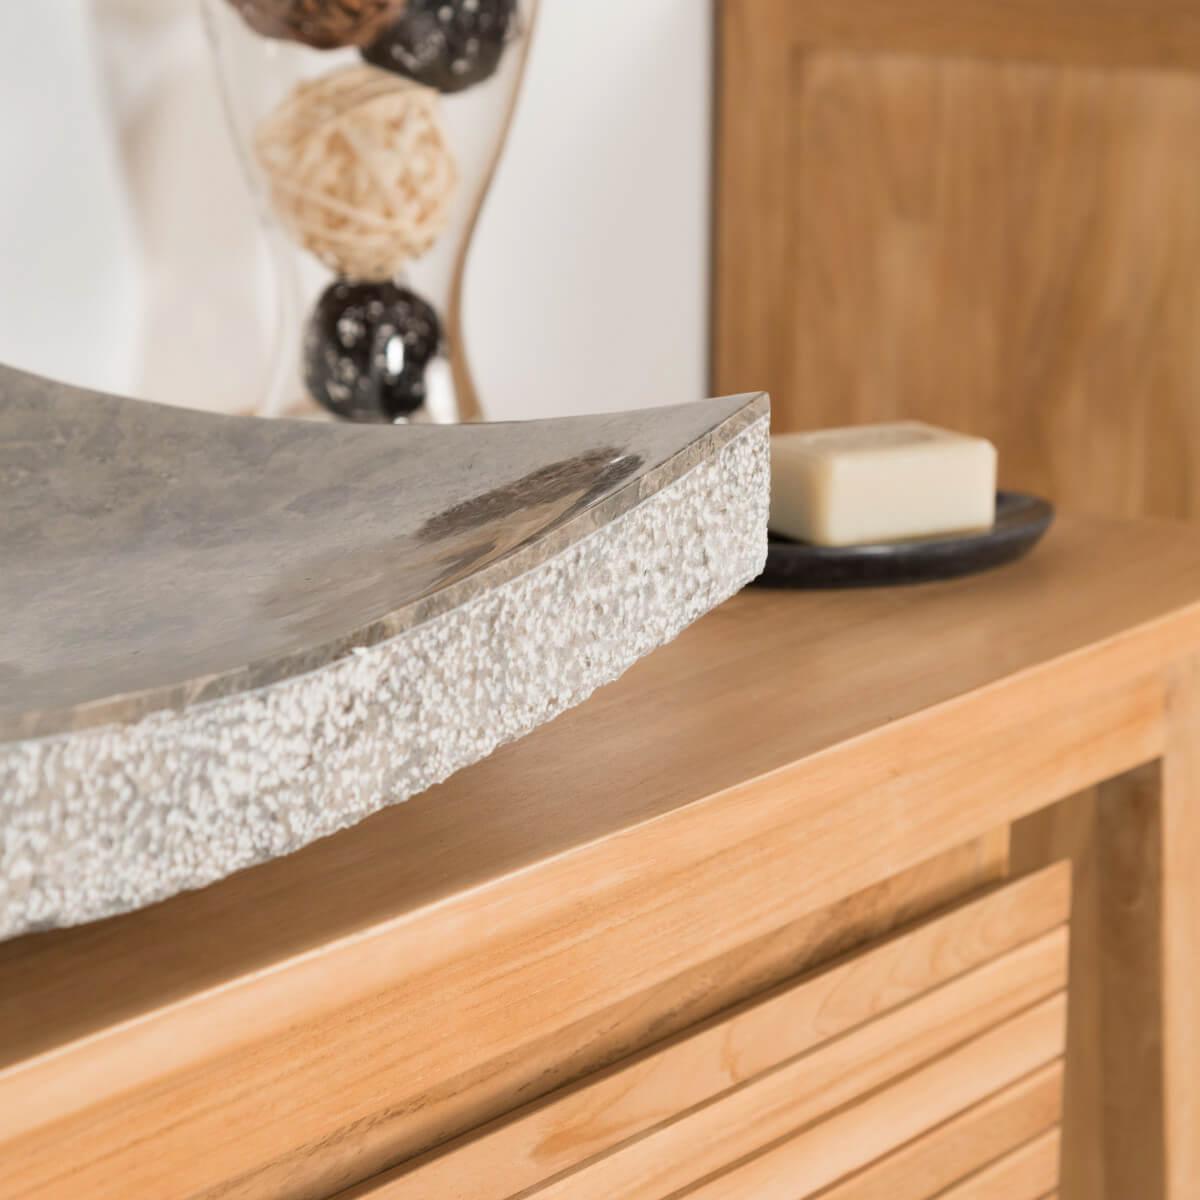 Vasque à poser en marbre : Gênes, rectangle, grise taupe, D : 50 cm